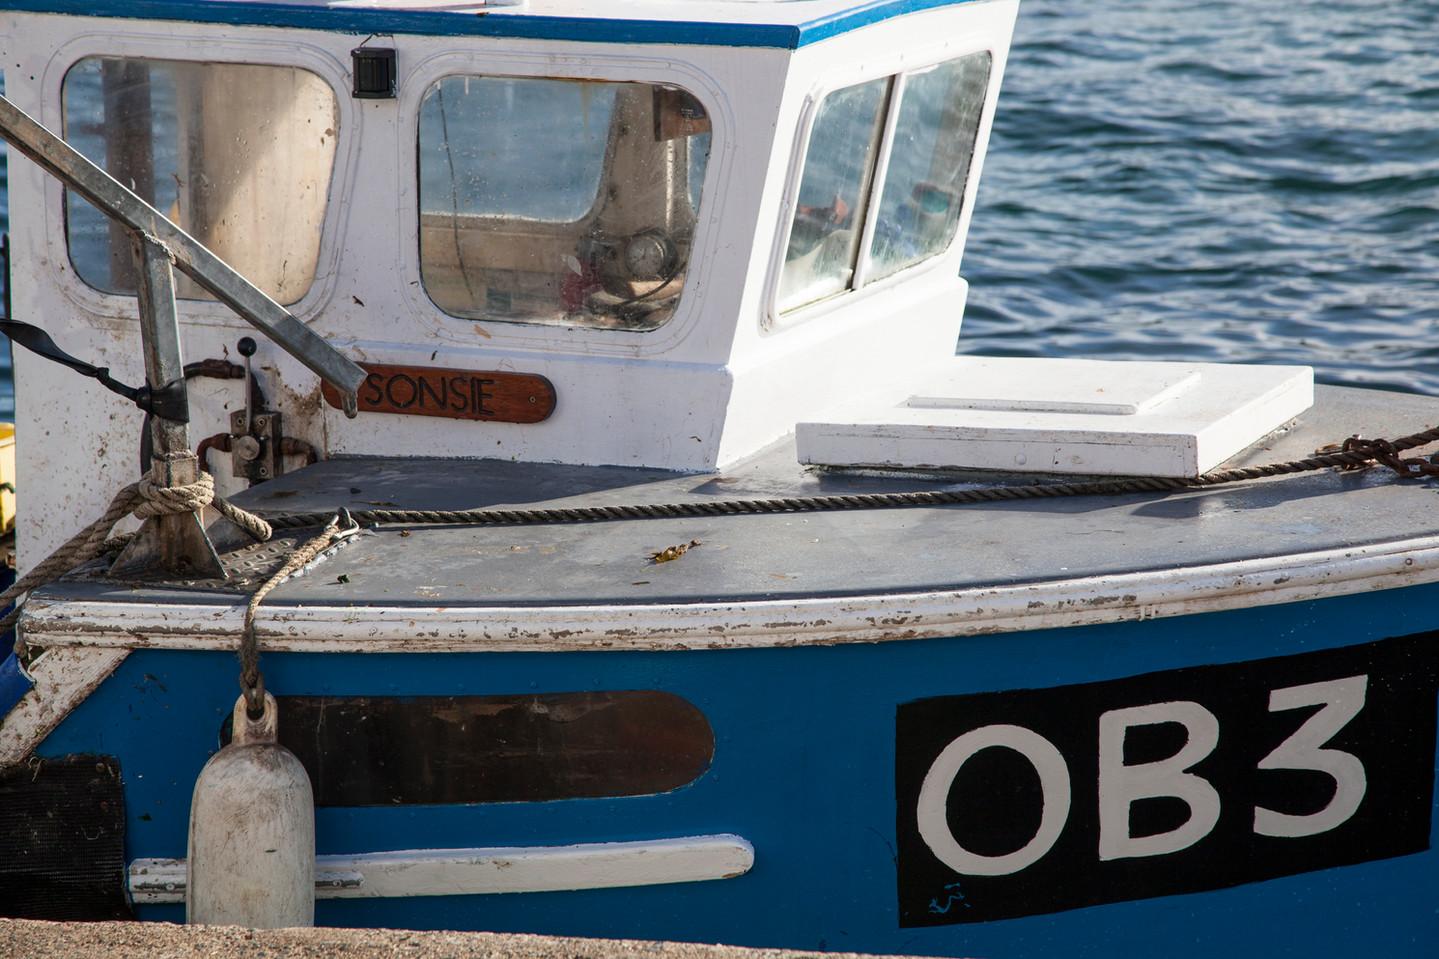 Boat Sonsie